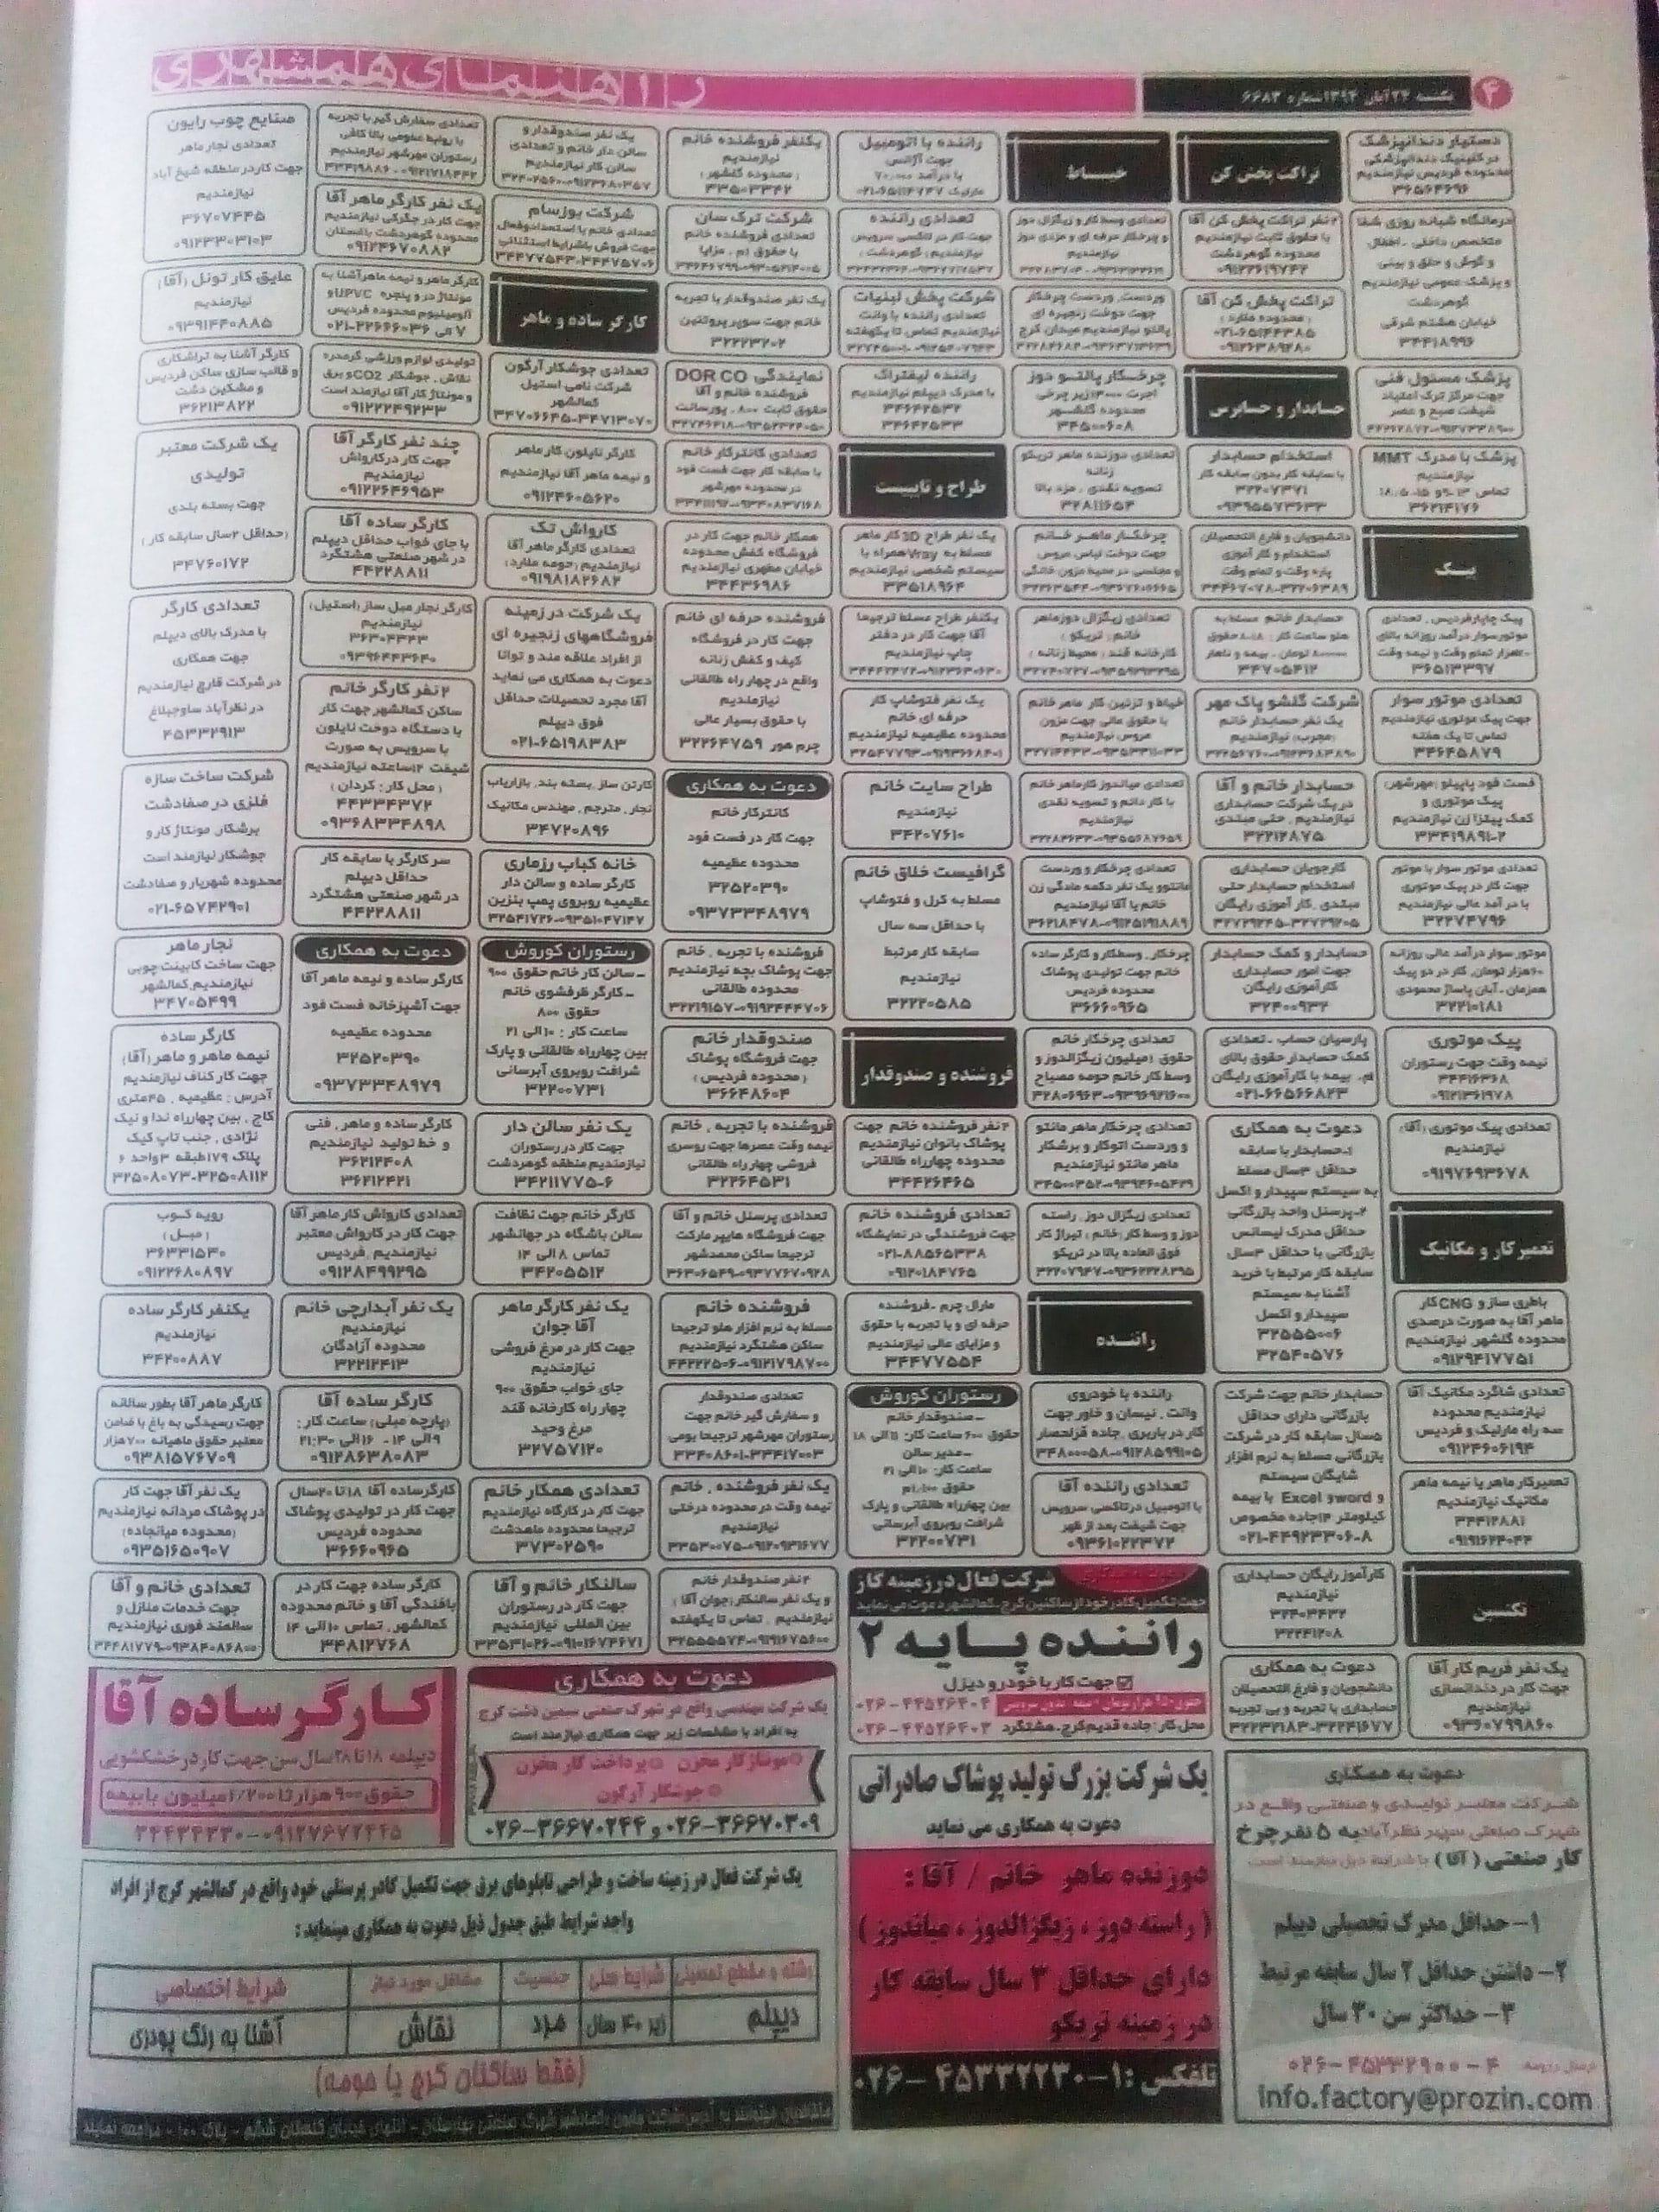 کسب درآمد با روزنامه همشهری داشته باشید